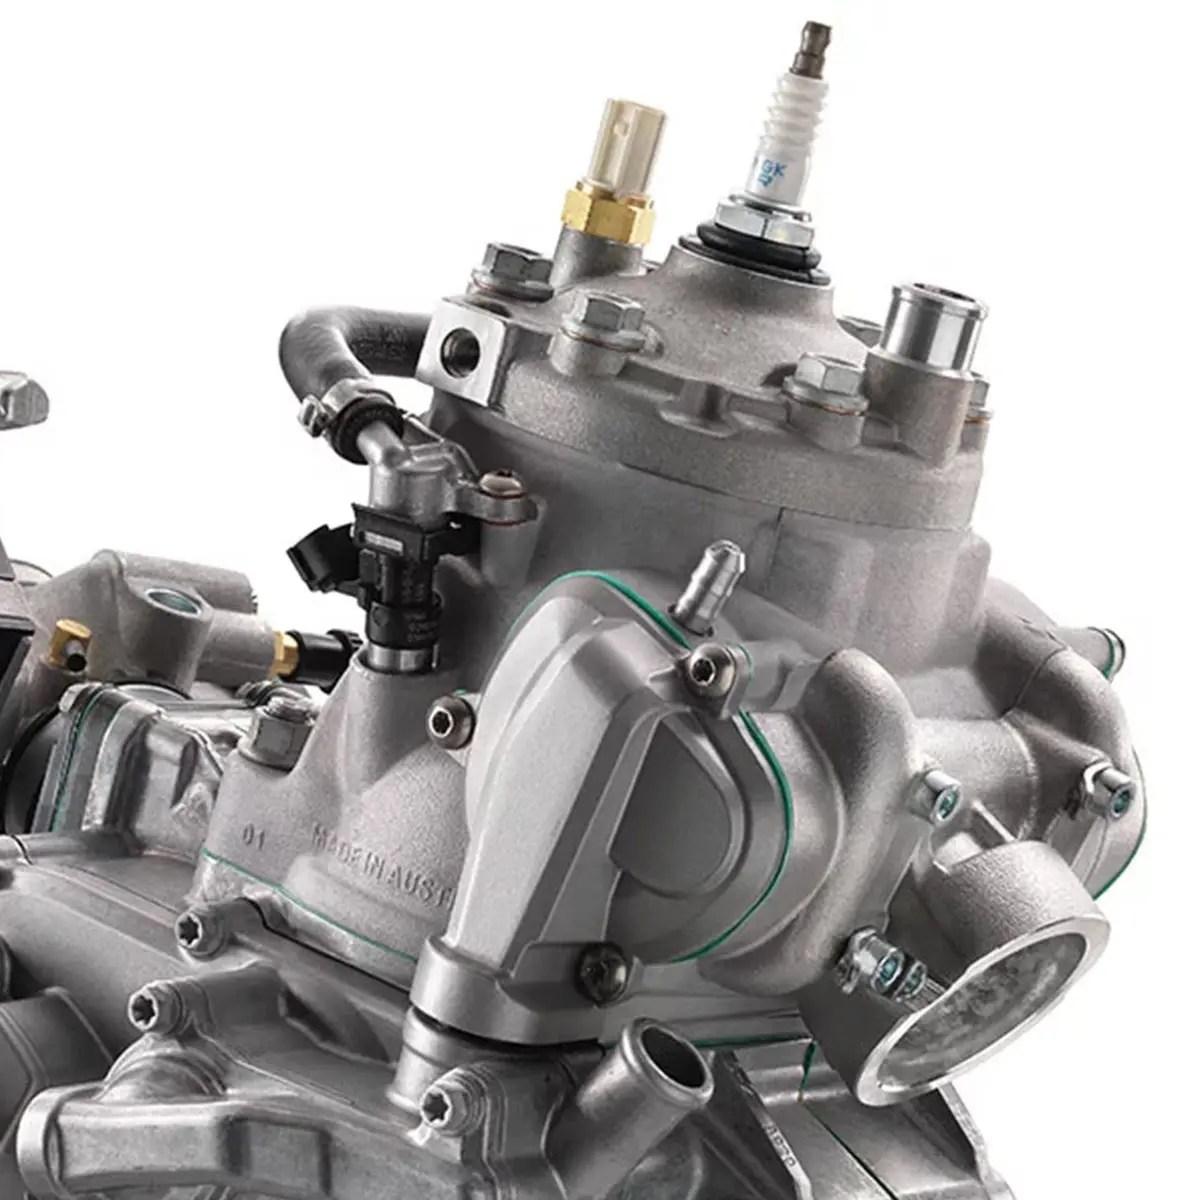 CYLINDRE-KTM-300-EXC-TPI-2020